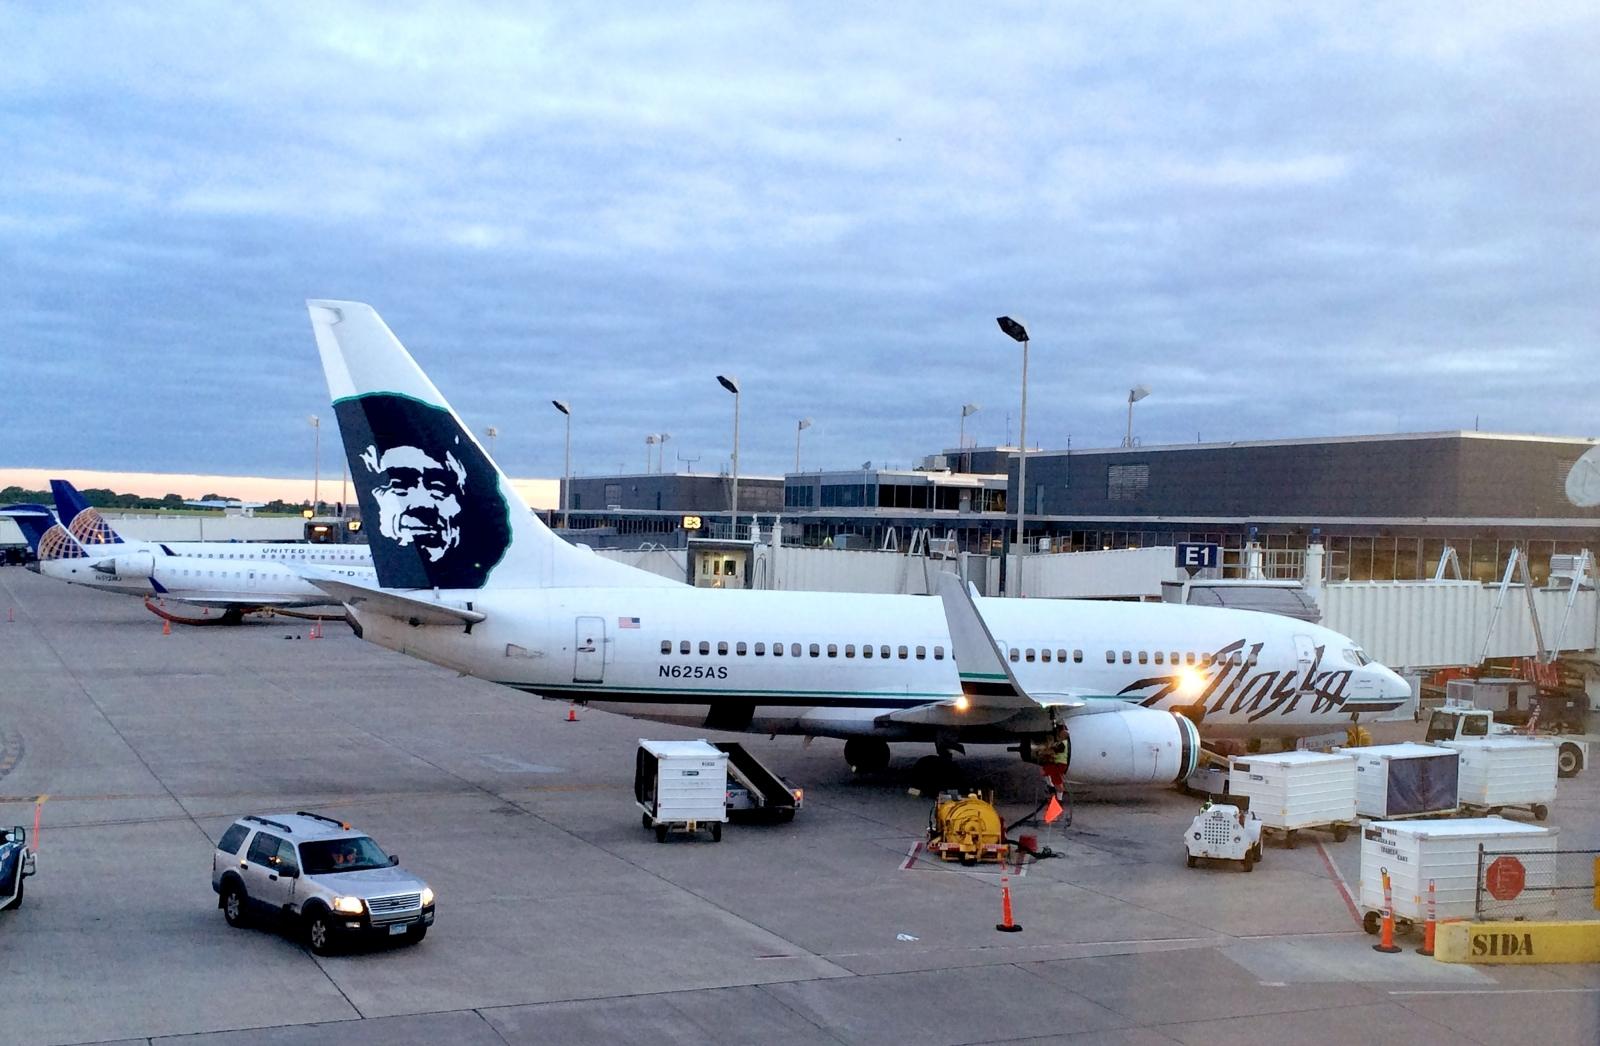 Alaskan Airlines